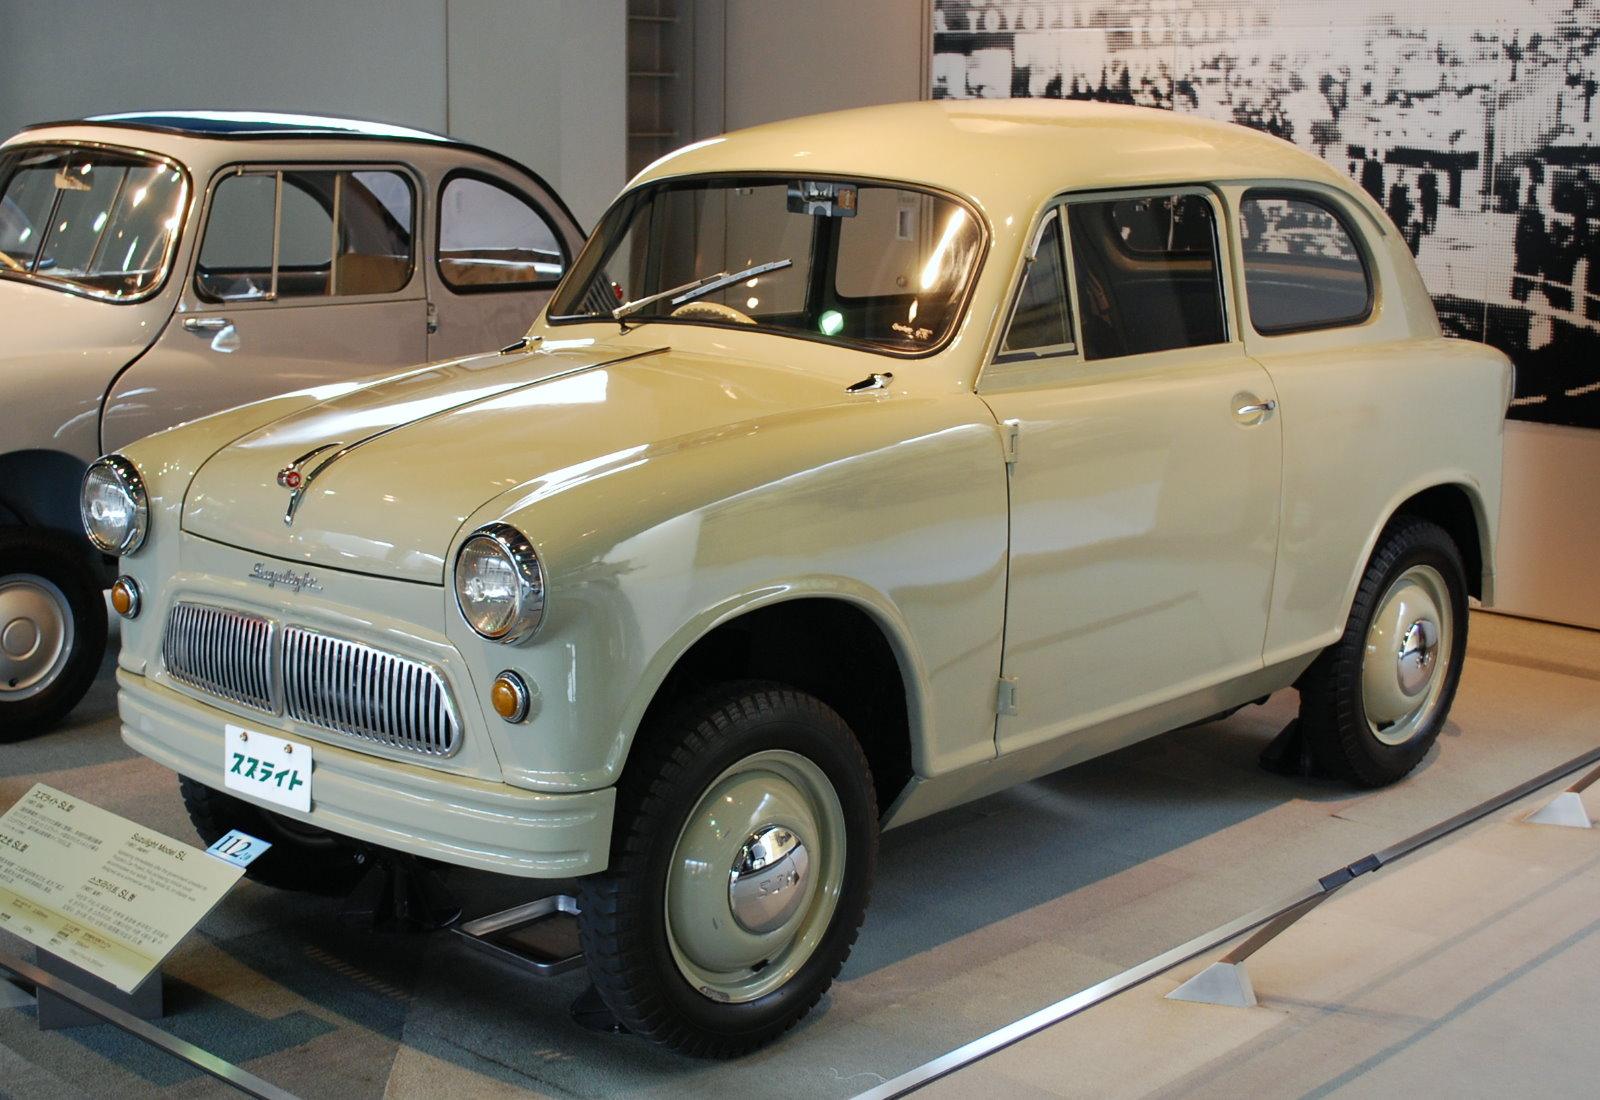 Mitsubishi Car U S History Wikipedia